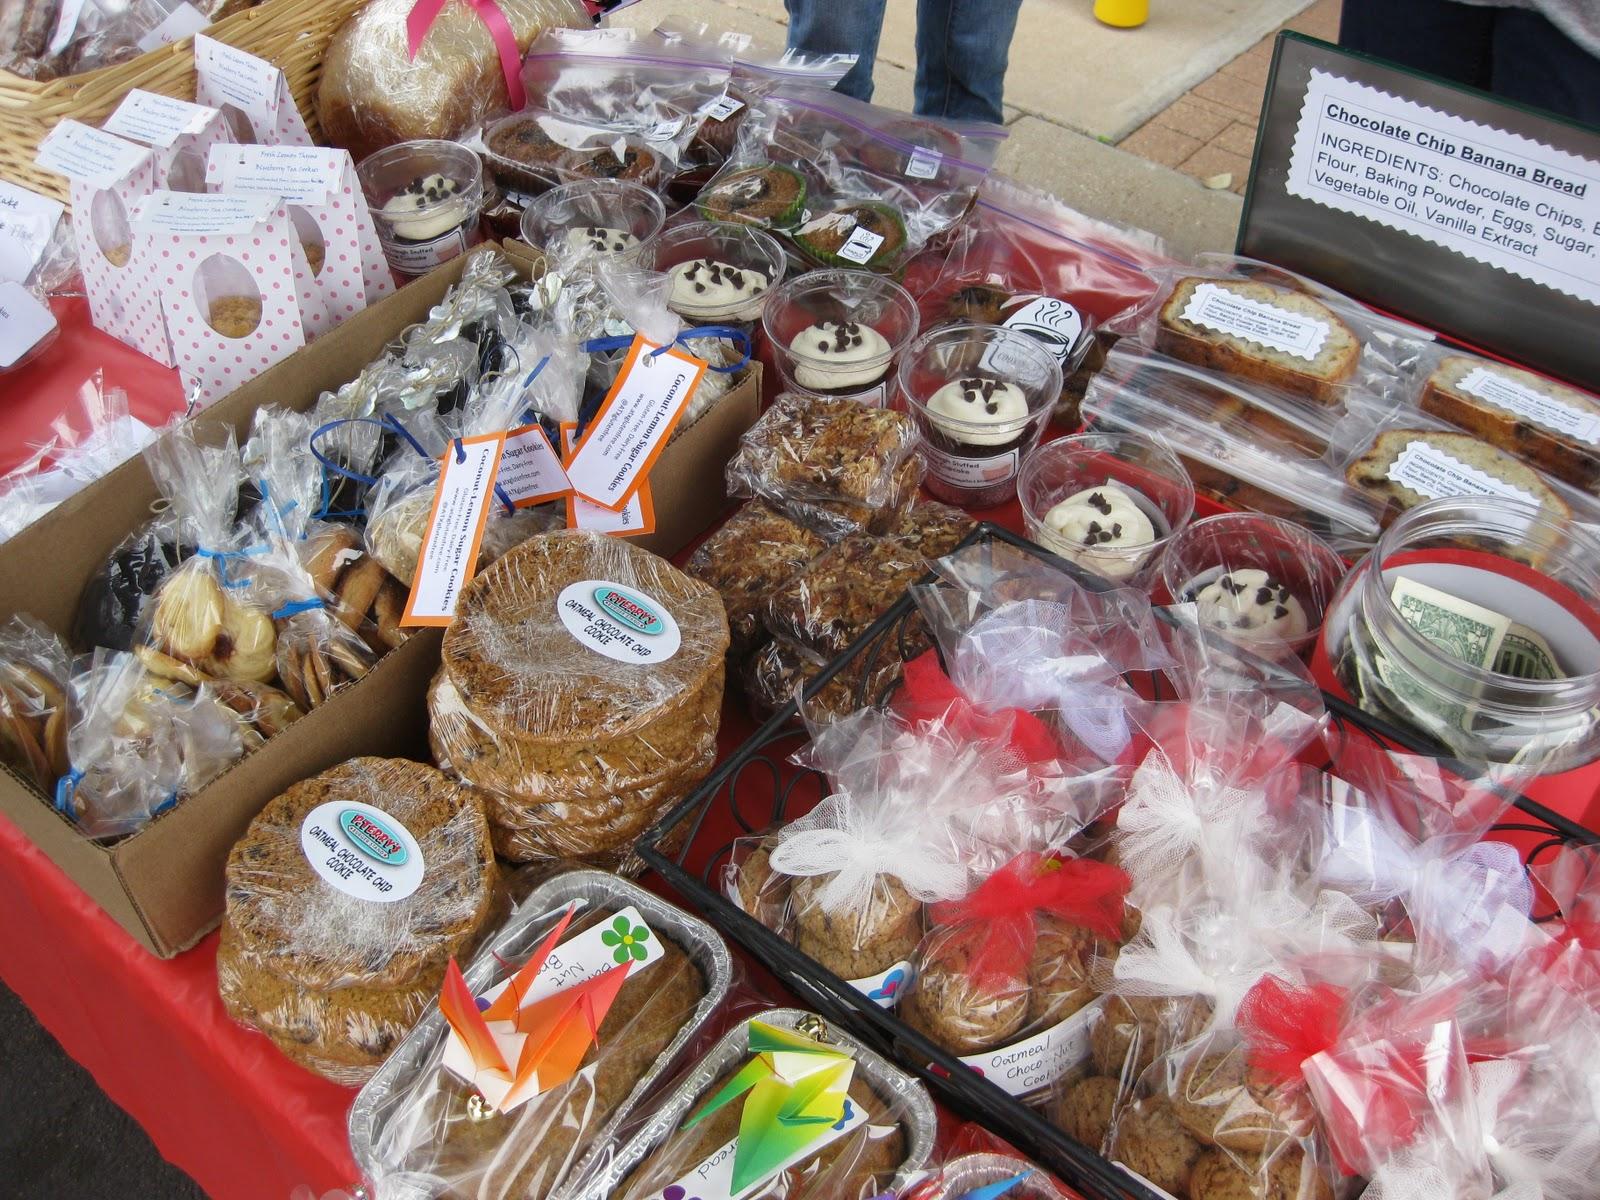 unique bake sale items